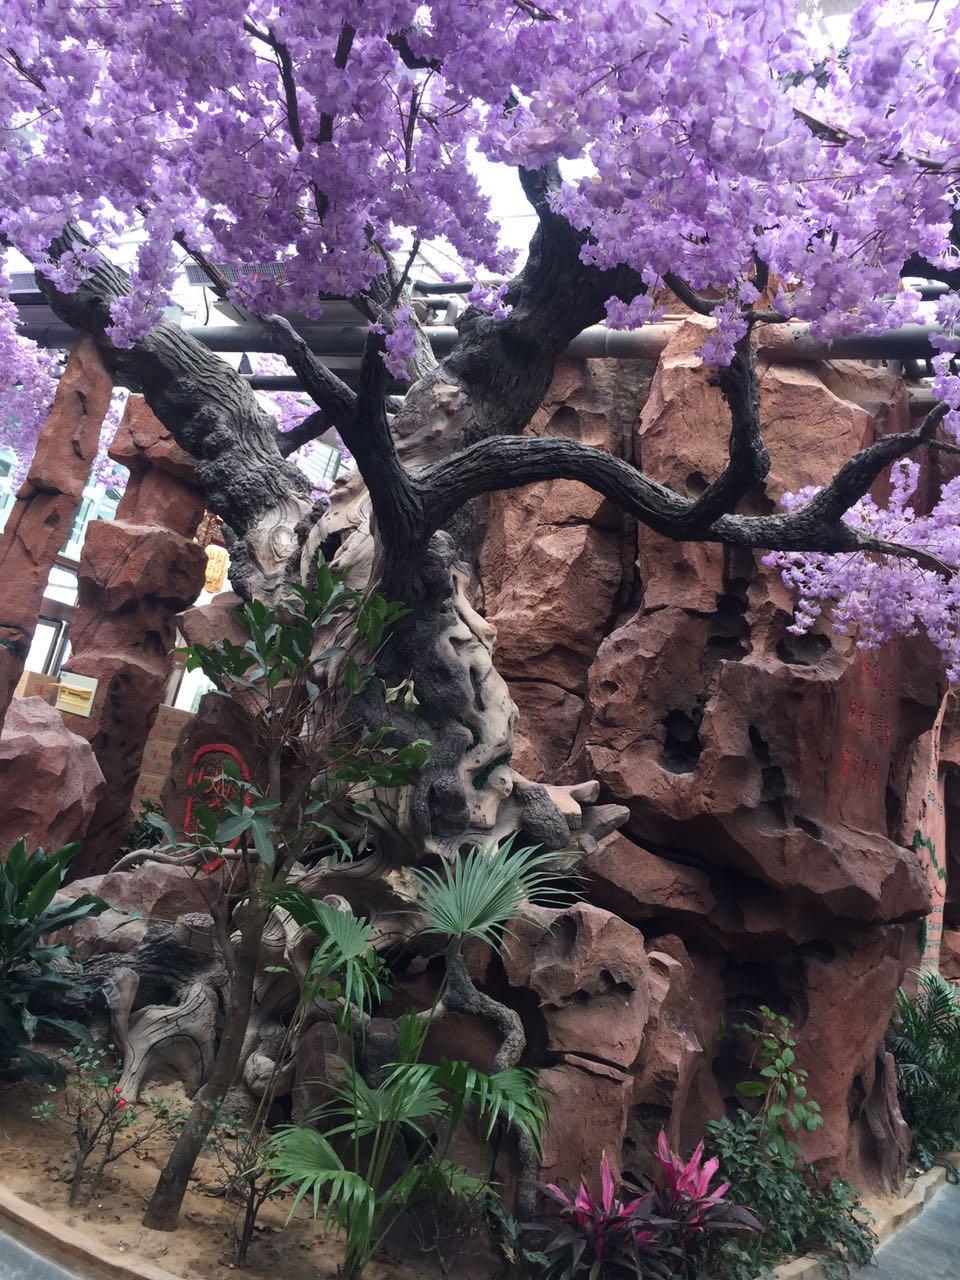 河南假树根雕刻哪家好假树根雕刻供货商 假树根雕刻生产厂家 供应假树根雕刻制作 假树根雕刻设计公司